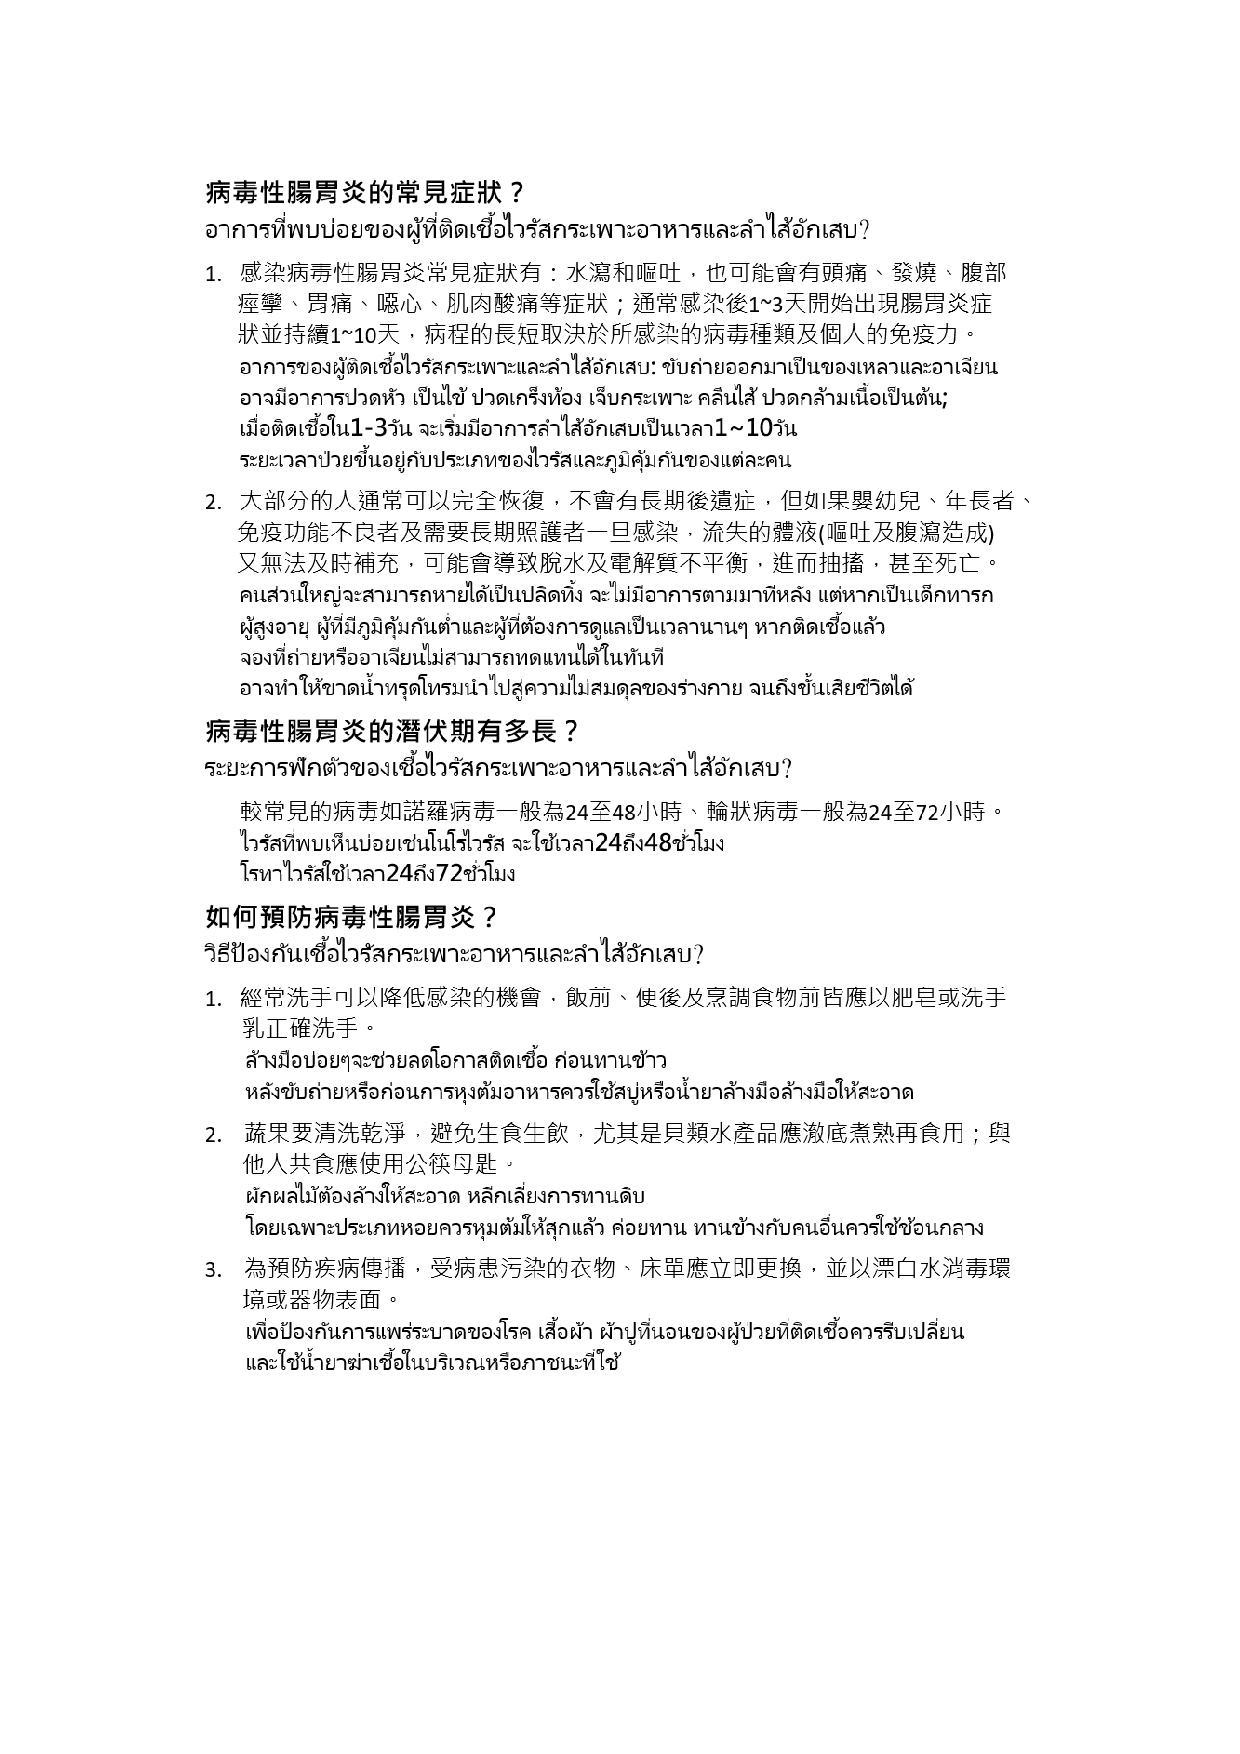 詳如附件【คลิก】เพื่อเป็นการป้องกันโรคกระเพาะอาหารและลำไส้อักเสบ(หน้า 2)預防病毒性腸胃炎(泰文)